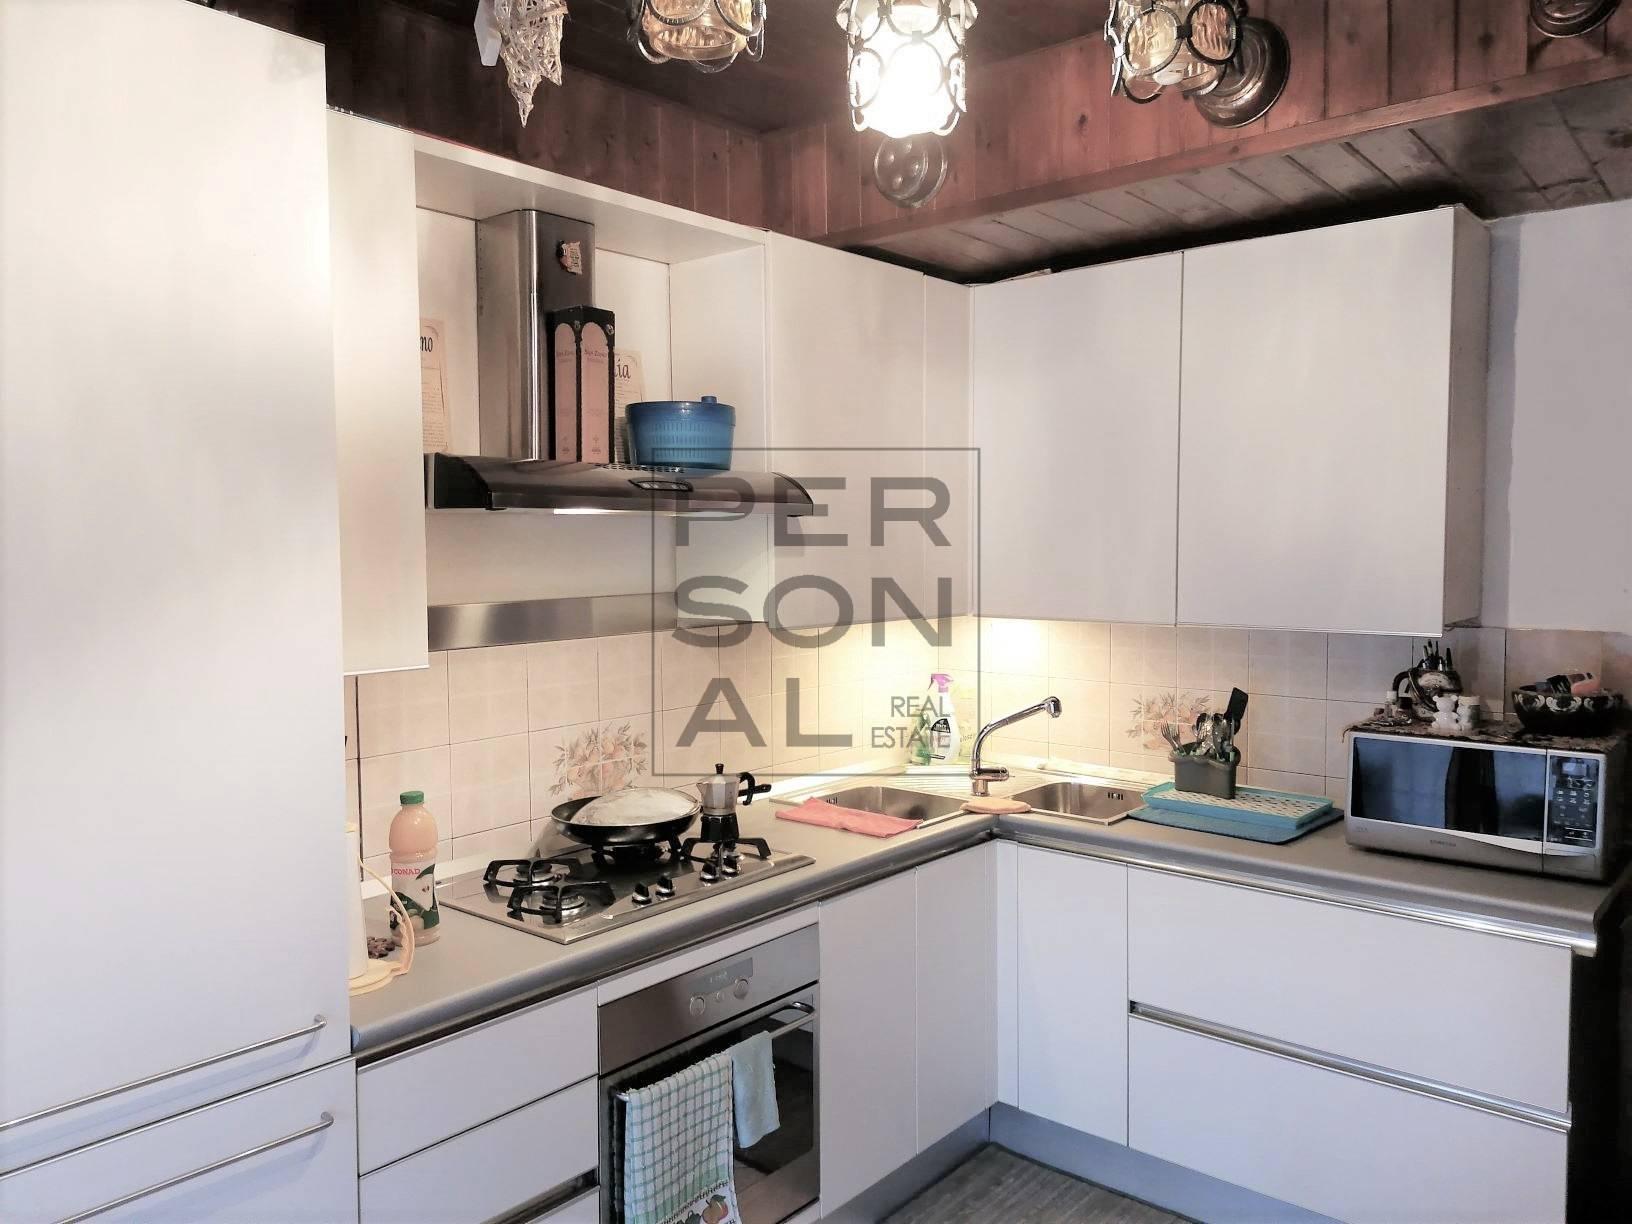 Appartamento in vendita a Lavarone, 4 locali, zona Località: MalgaLaghetto, prezzo € 118.000 | CambioCasa.it